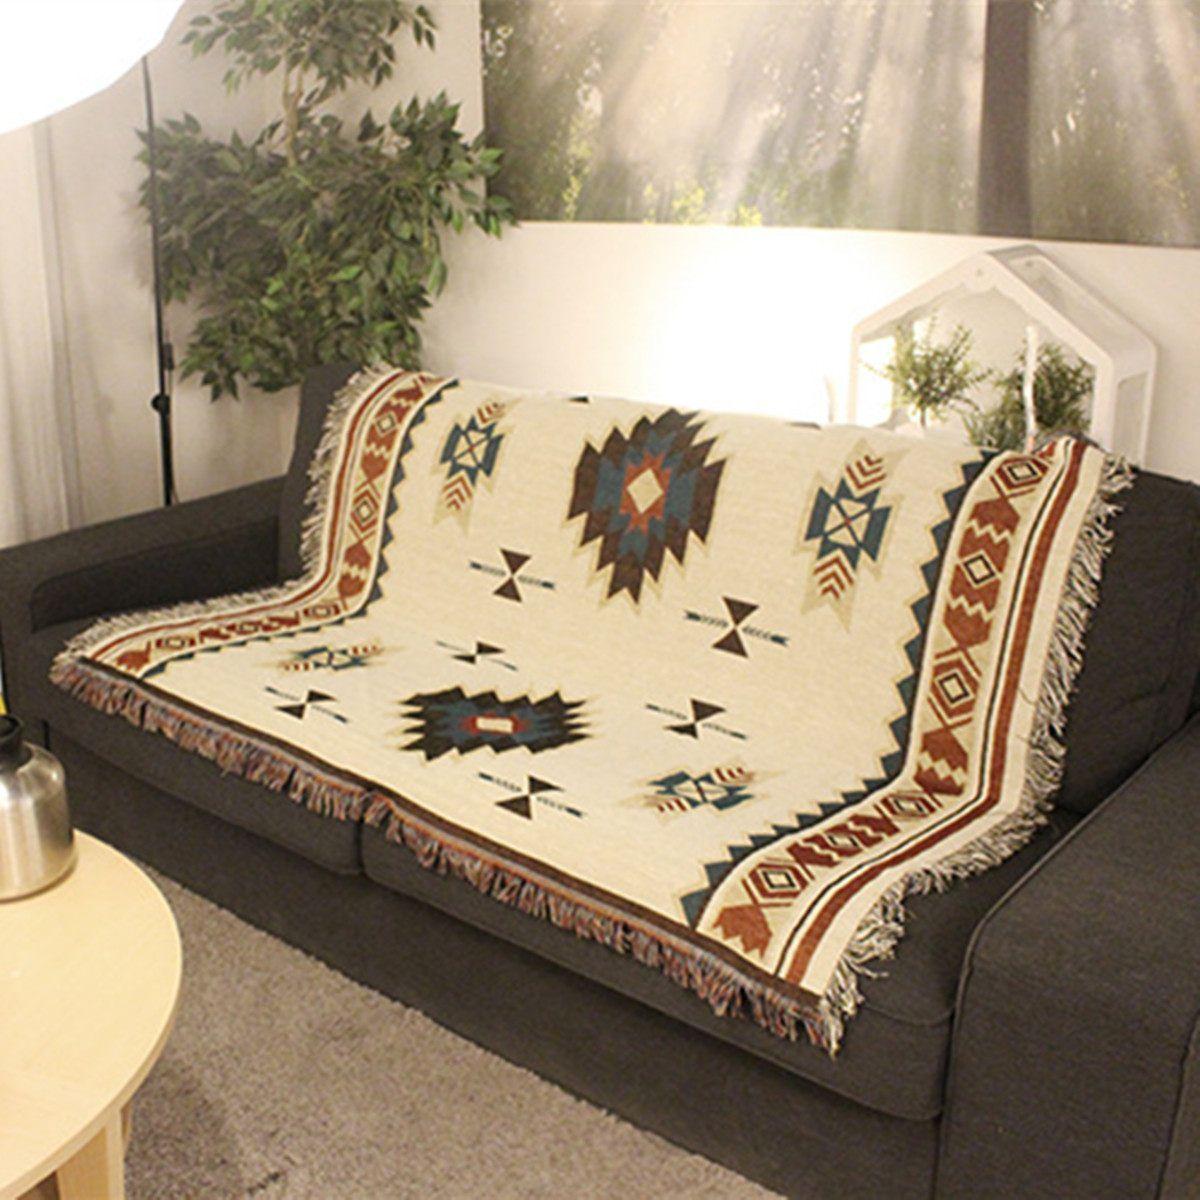 125x150 cm aztèque Navajo serviette tapis tenture murale coton jeter tapis géométrie tissé 125x150 cm coton pique-nique lavable pique-nique canapé blanc